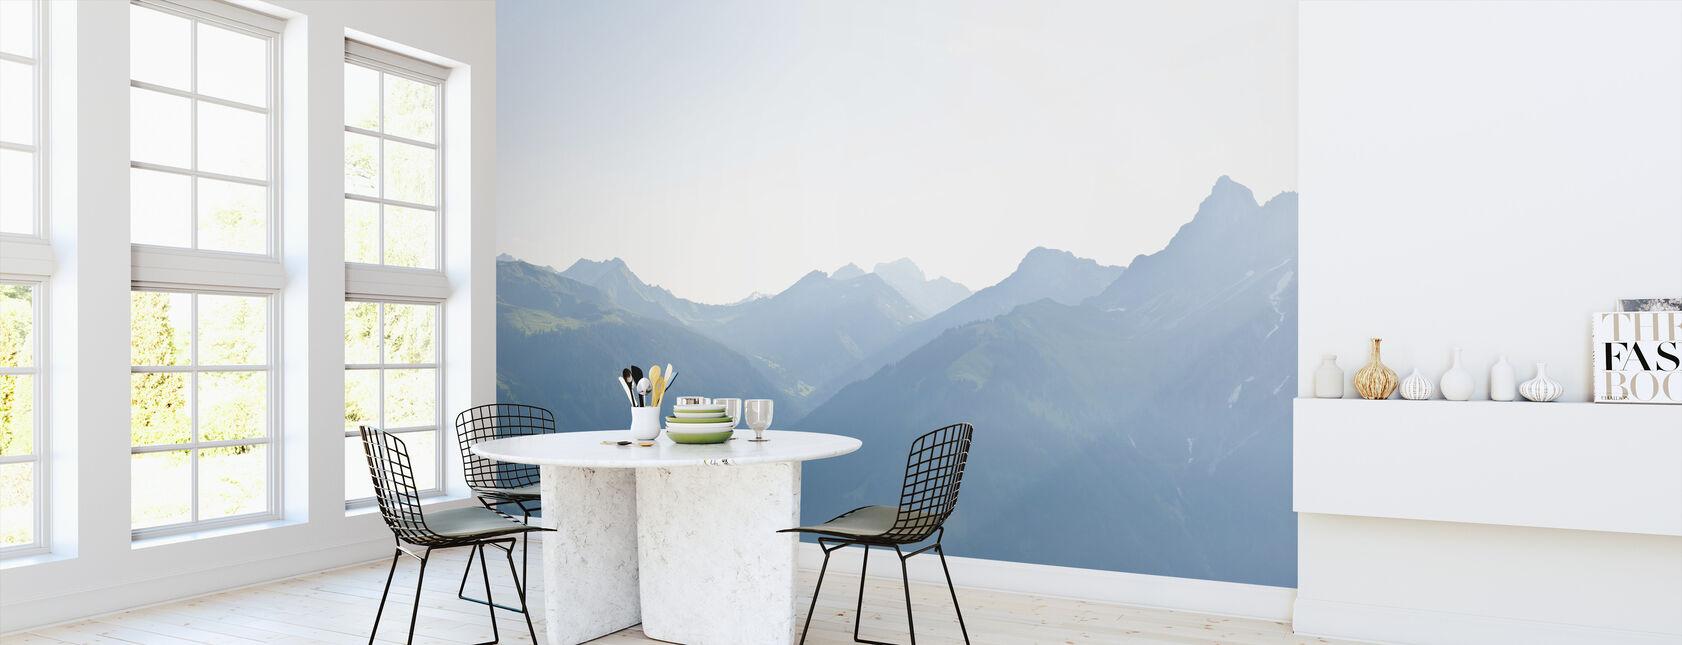 Vorarlberg, Austria - Tapet - Kjøkken